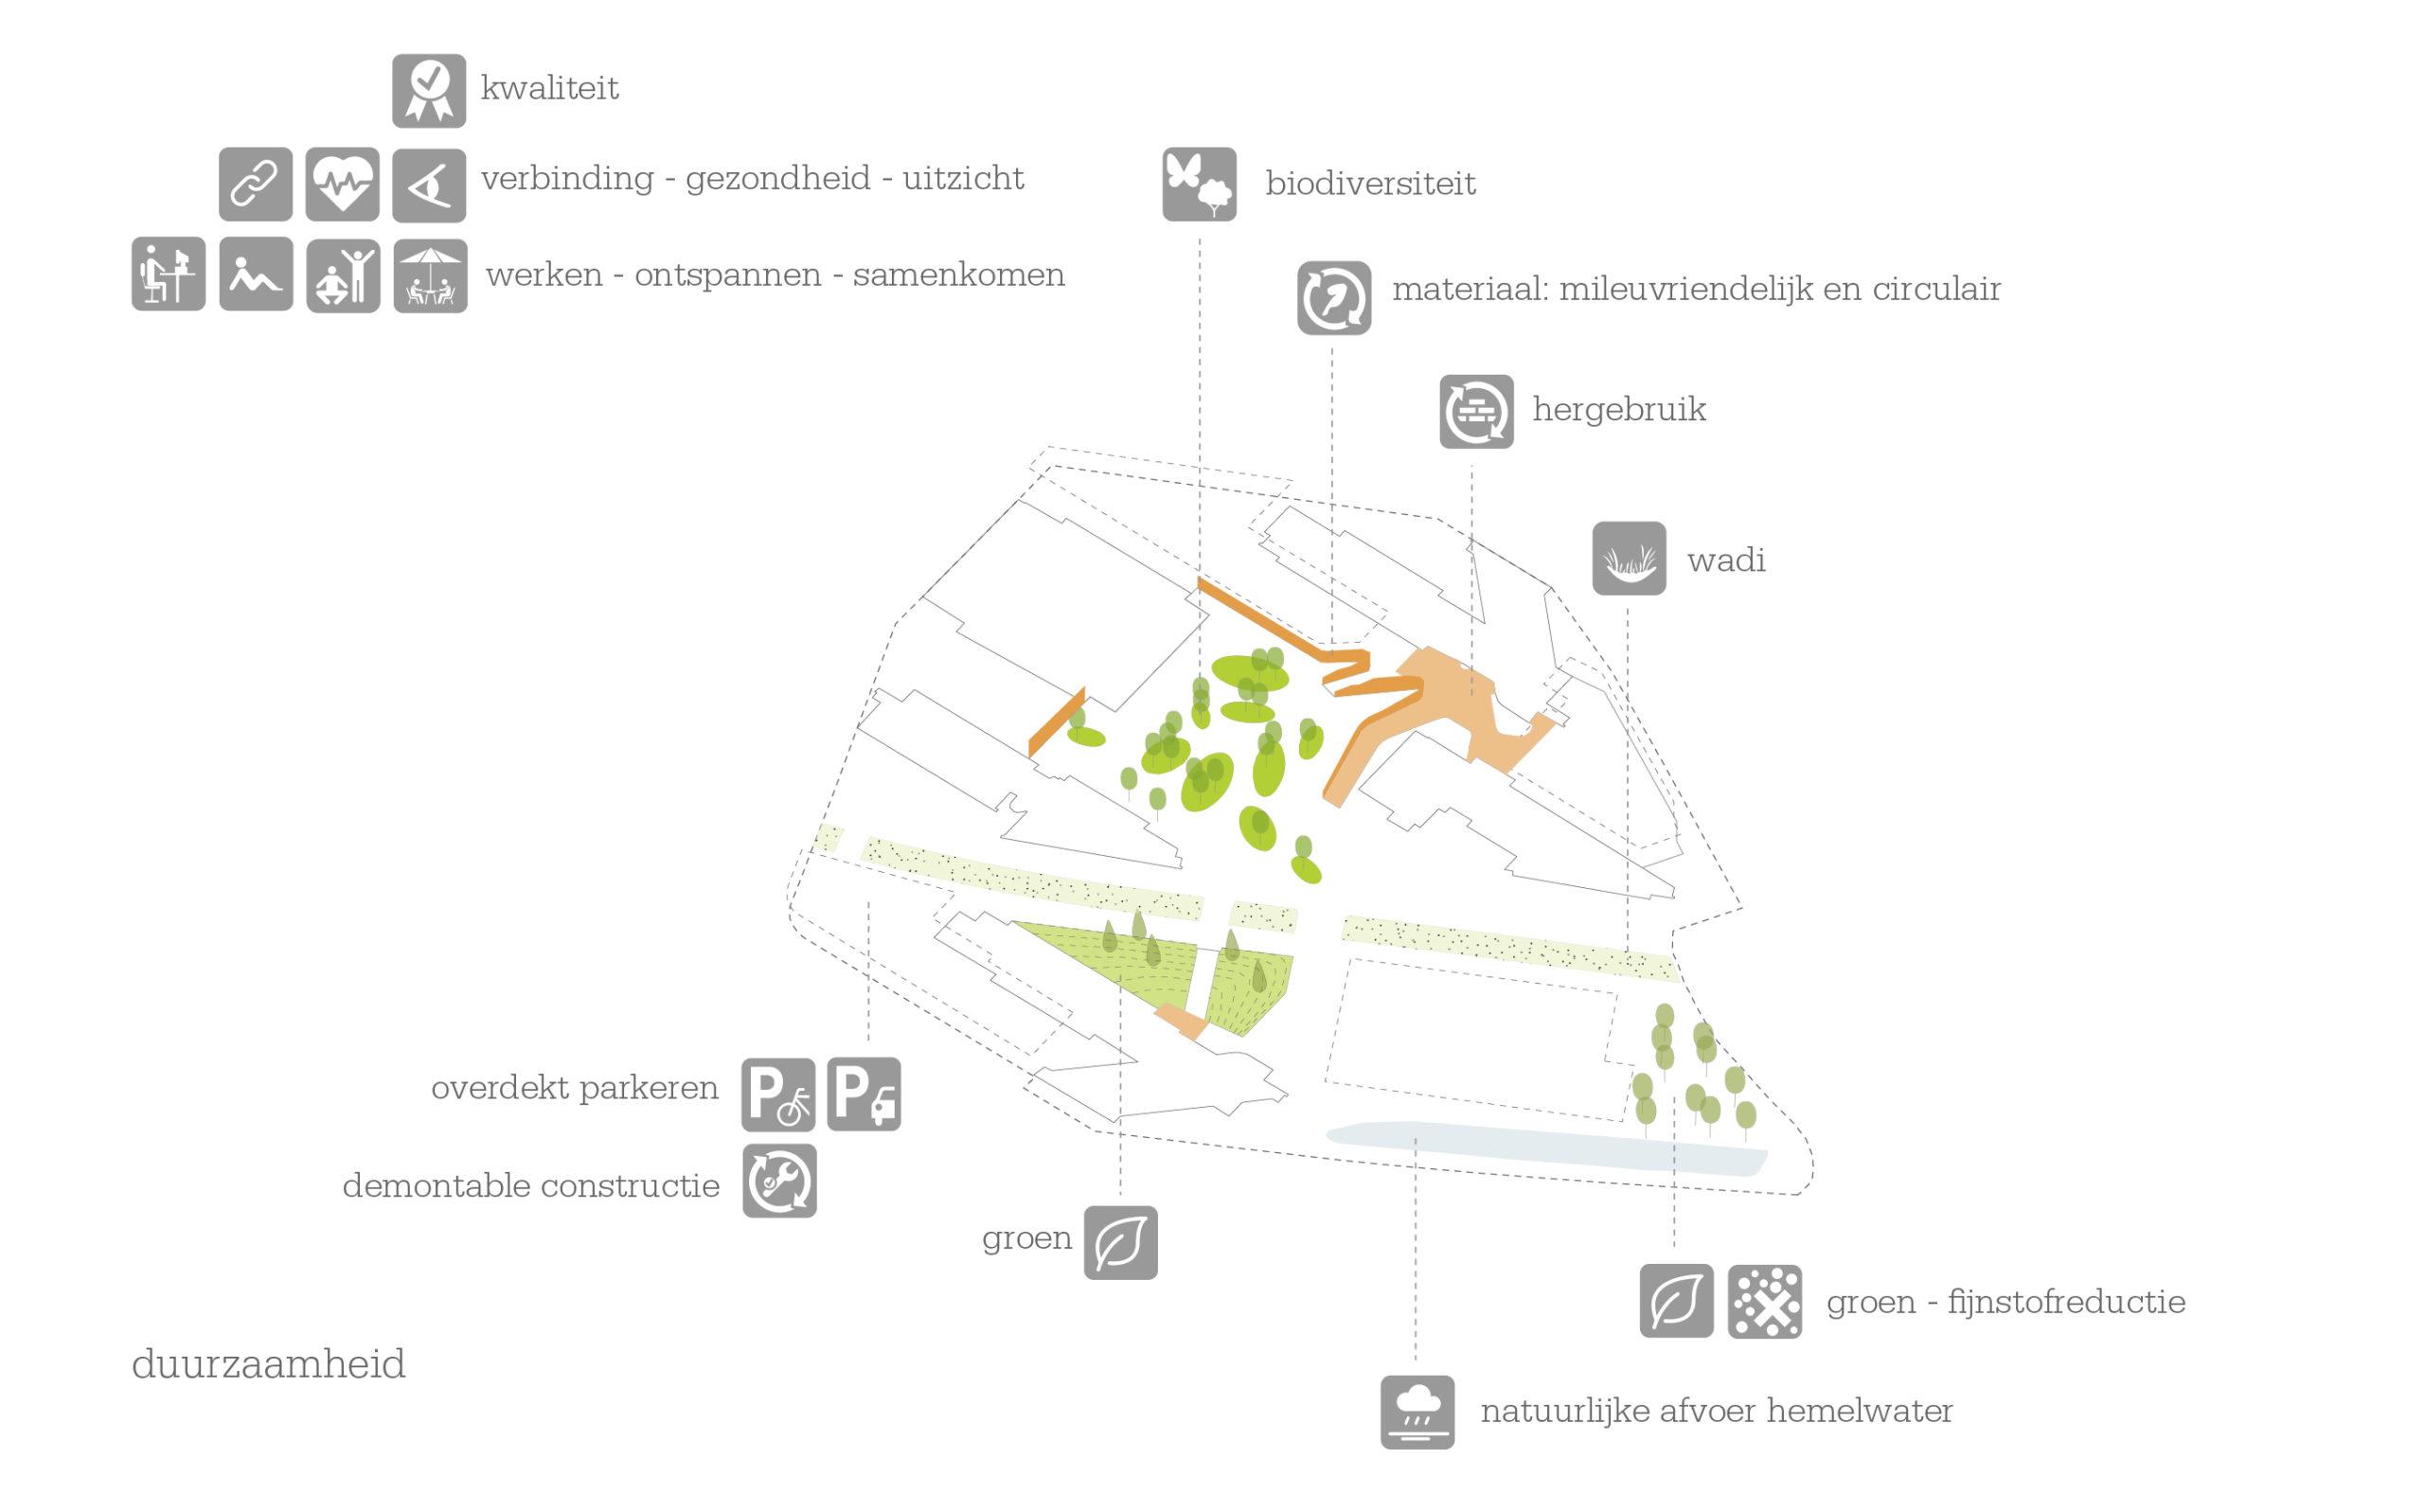 1601-Secoya Campus Utrecht_08-duurzaamheid